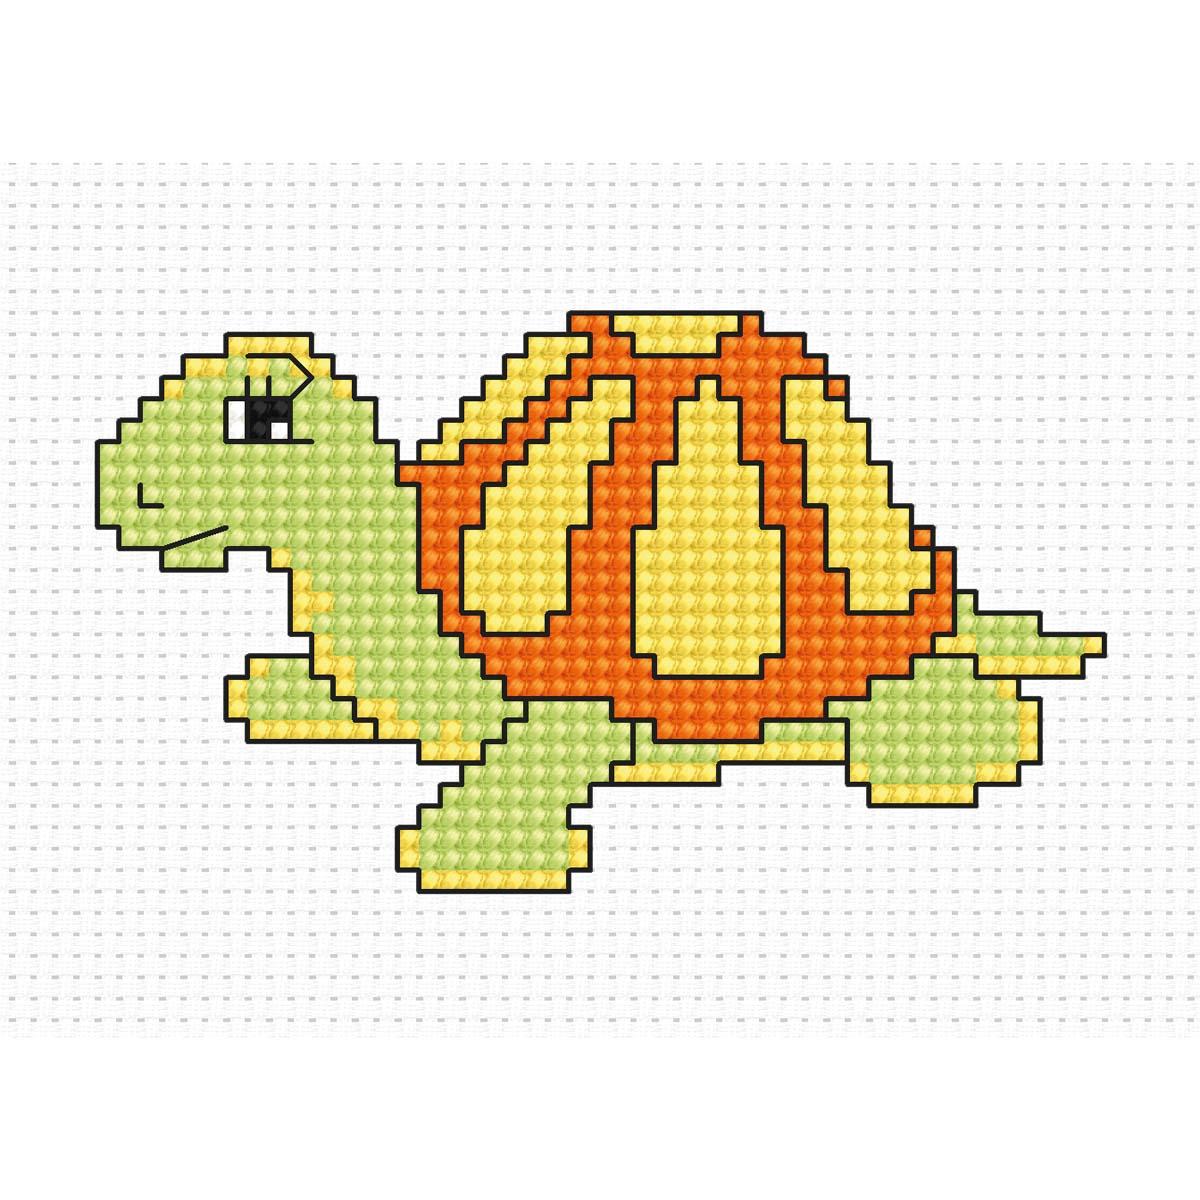 B067 Набор для вышивания 'Моя первая вышивка. Черепаха' 13*9 см, Luca-S